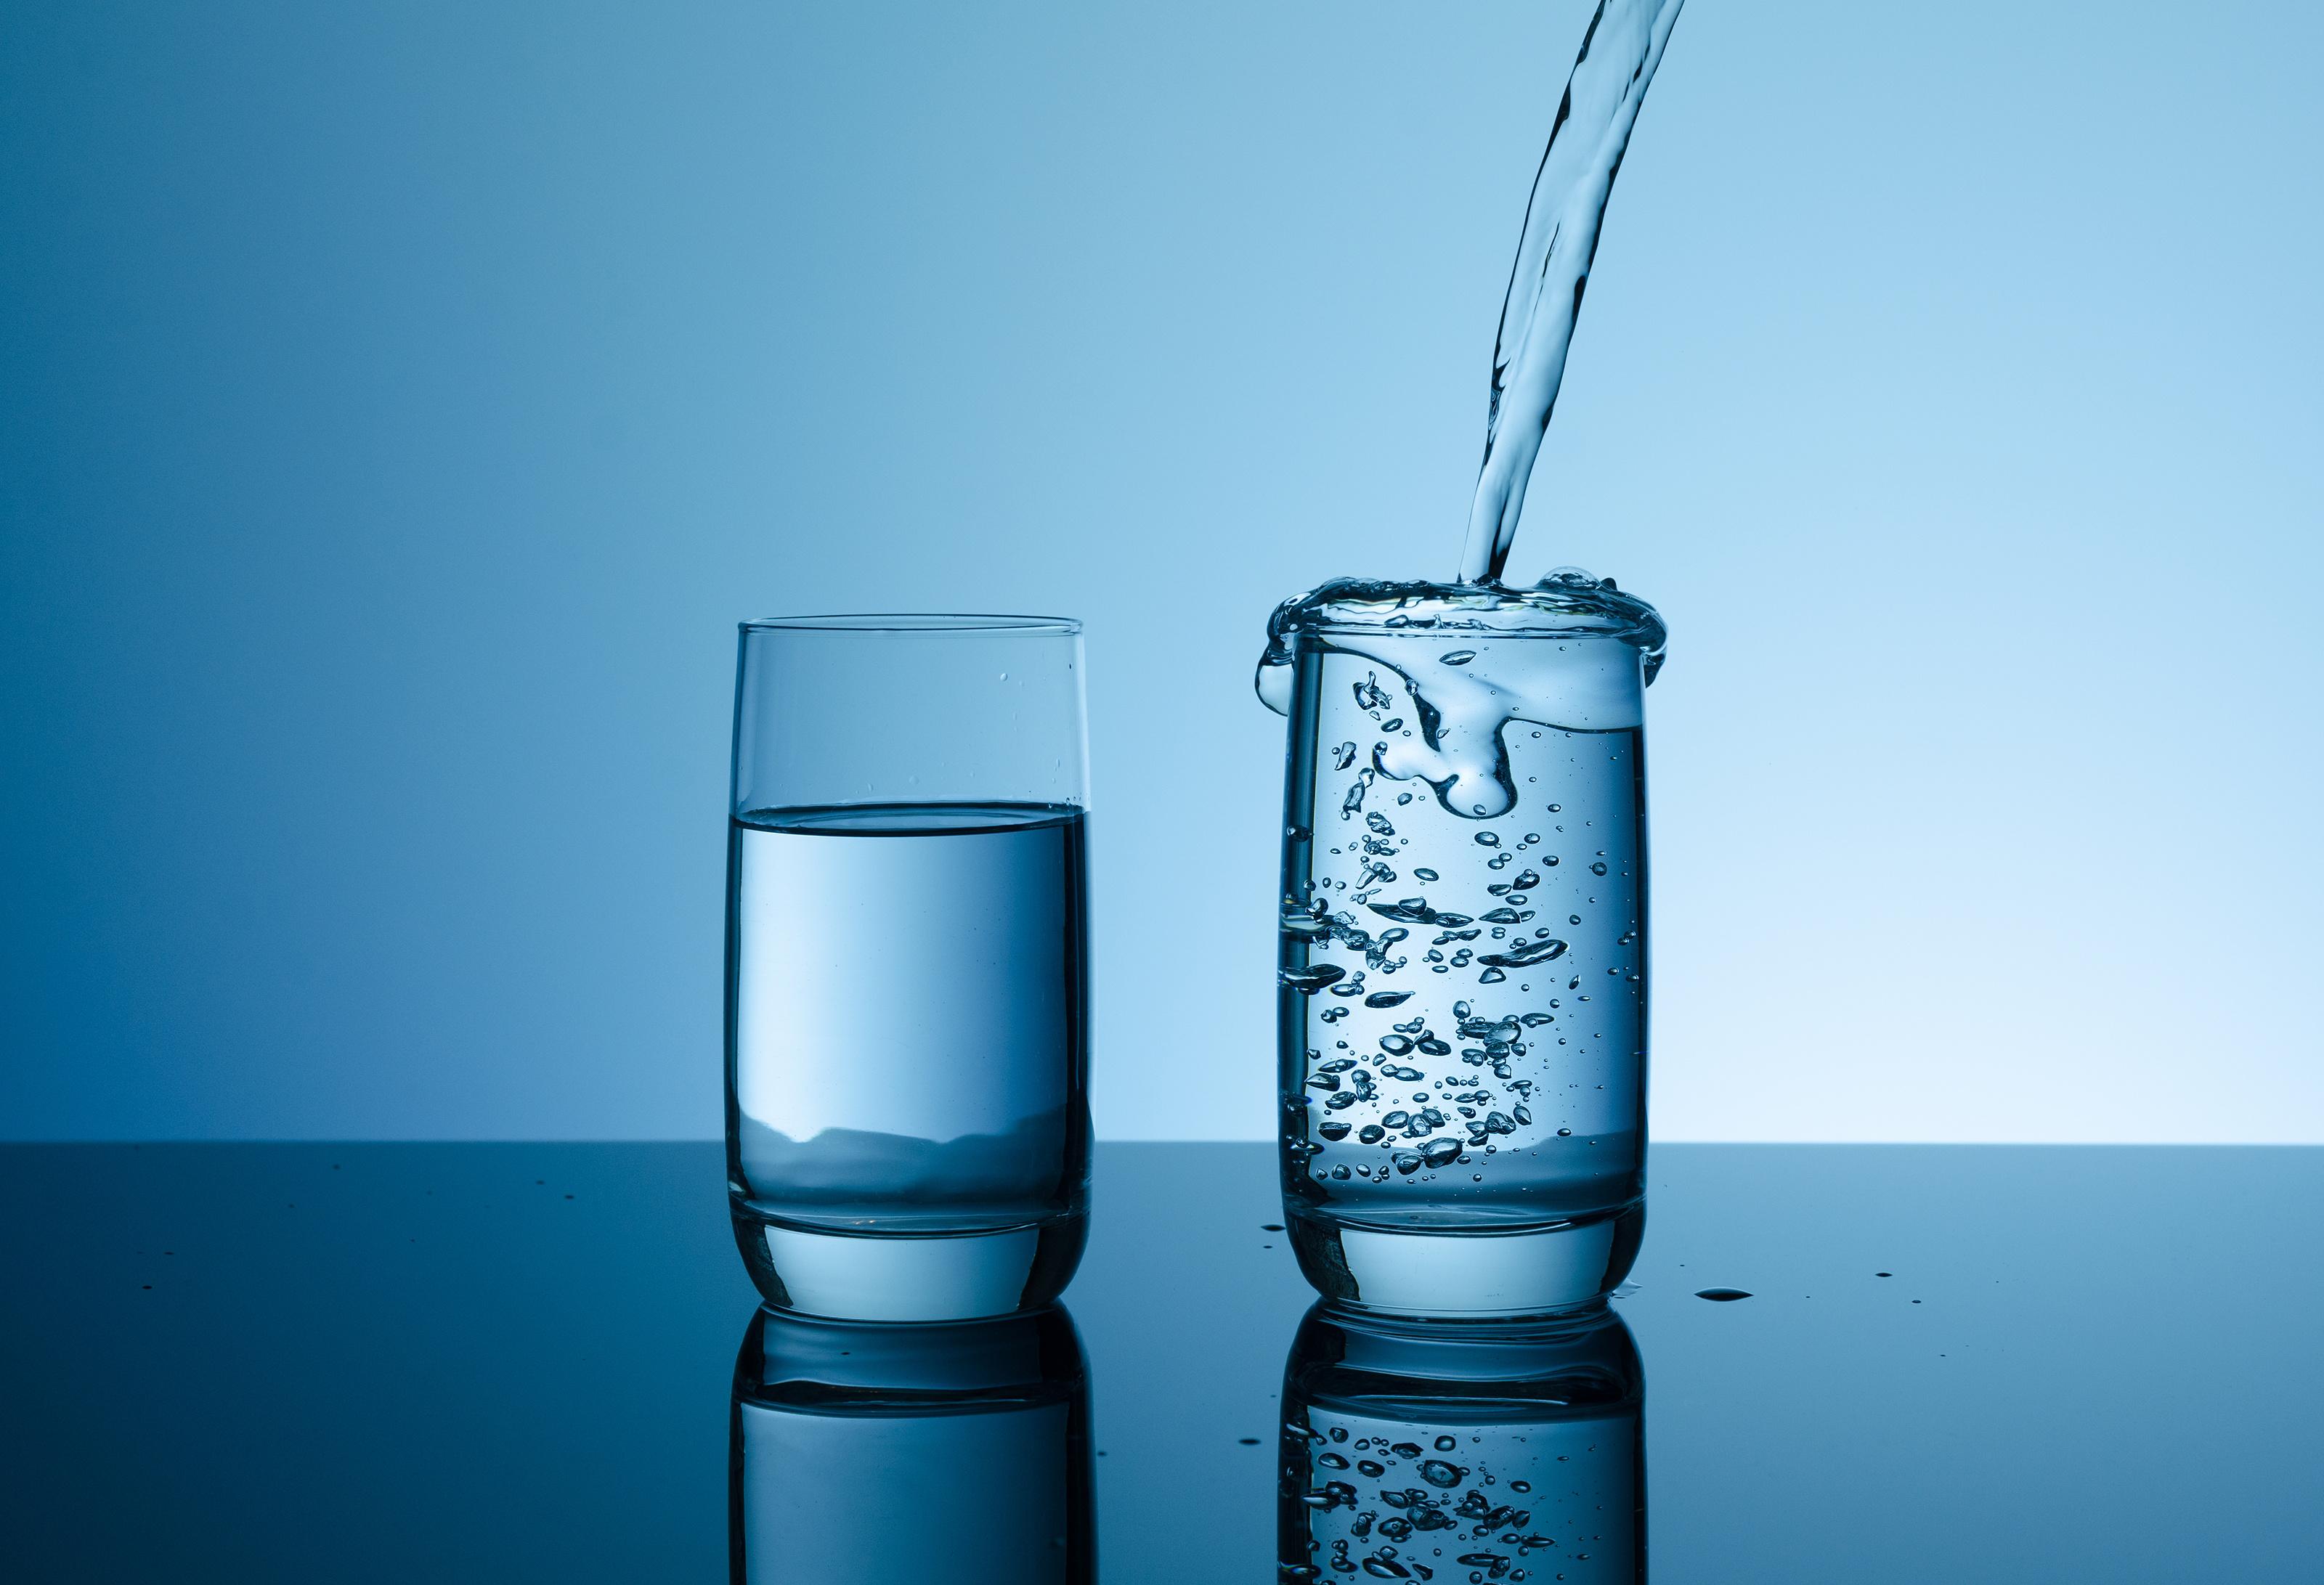 Calcoli renali. nessun problema con lacqua del rubinetto dice liss